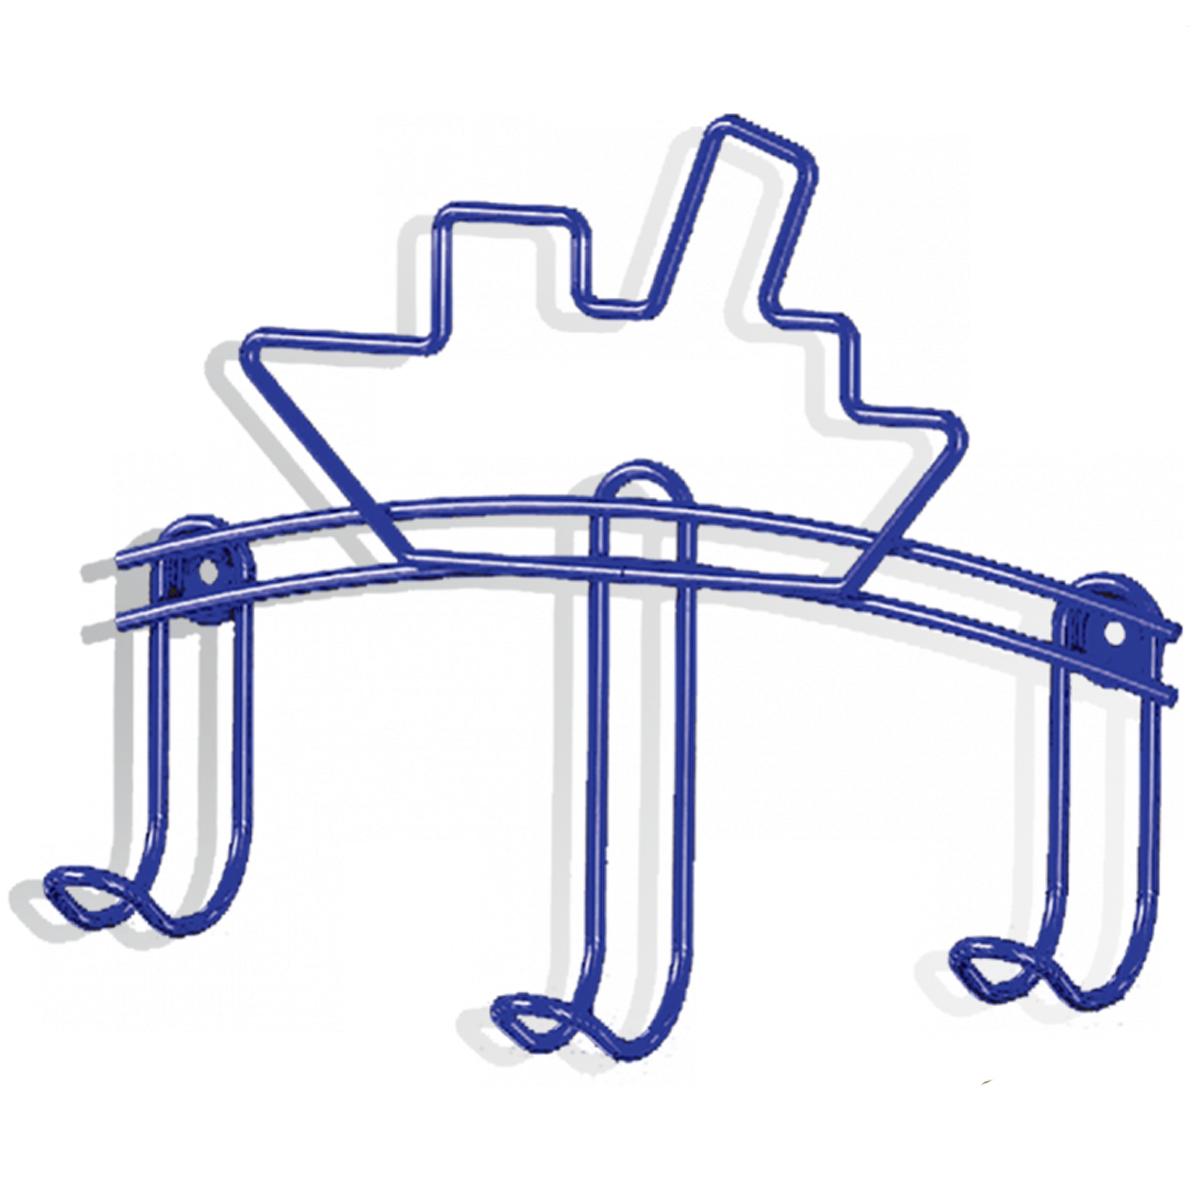 Вешалка настенная Sheffilton Кораблик, цвет: синий, 24 см х 5 см х 18 смВ2 - 76Настенная вешалка Sheffilton Кораблик является не только функциональным элементом, но и прекрасно украсит интерьер детской комнаты. Каркас вешалки изготовлен из металла с порошковой окраской, стойкой к механическим повреждениям. Вешалка Sheffilton Кораблик имеет три крючка, на которые малыш сможет самостоятельно повесить одежду, сумочку или игрушку. Крепиться вешалка при помощи двух шурупов (в комплект не входят). Максимальная нагрузка на крючок: 7 кг. Размер вешалки: 24 см х 5 см х 18 см.